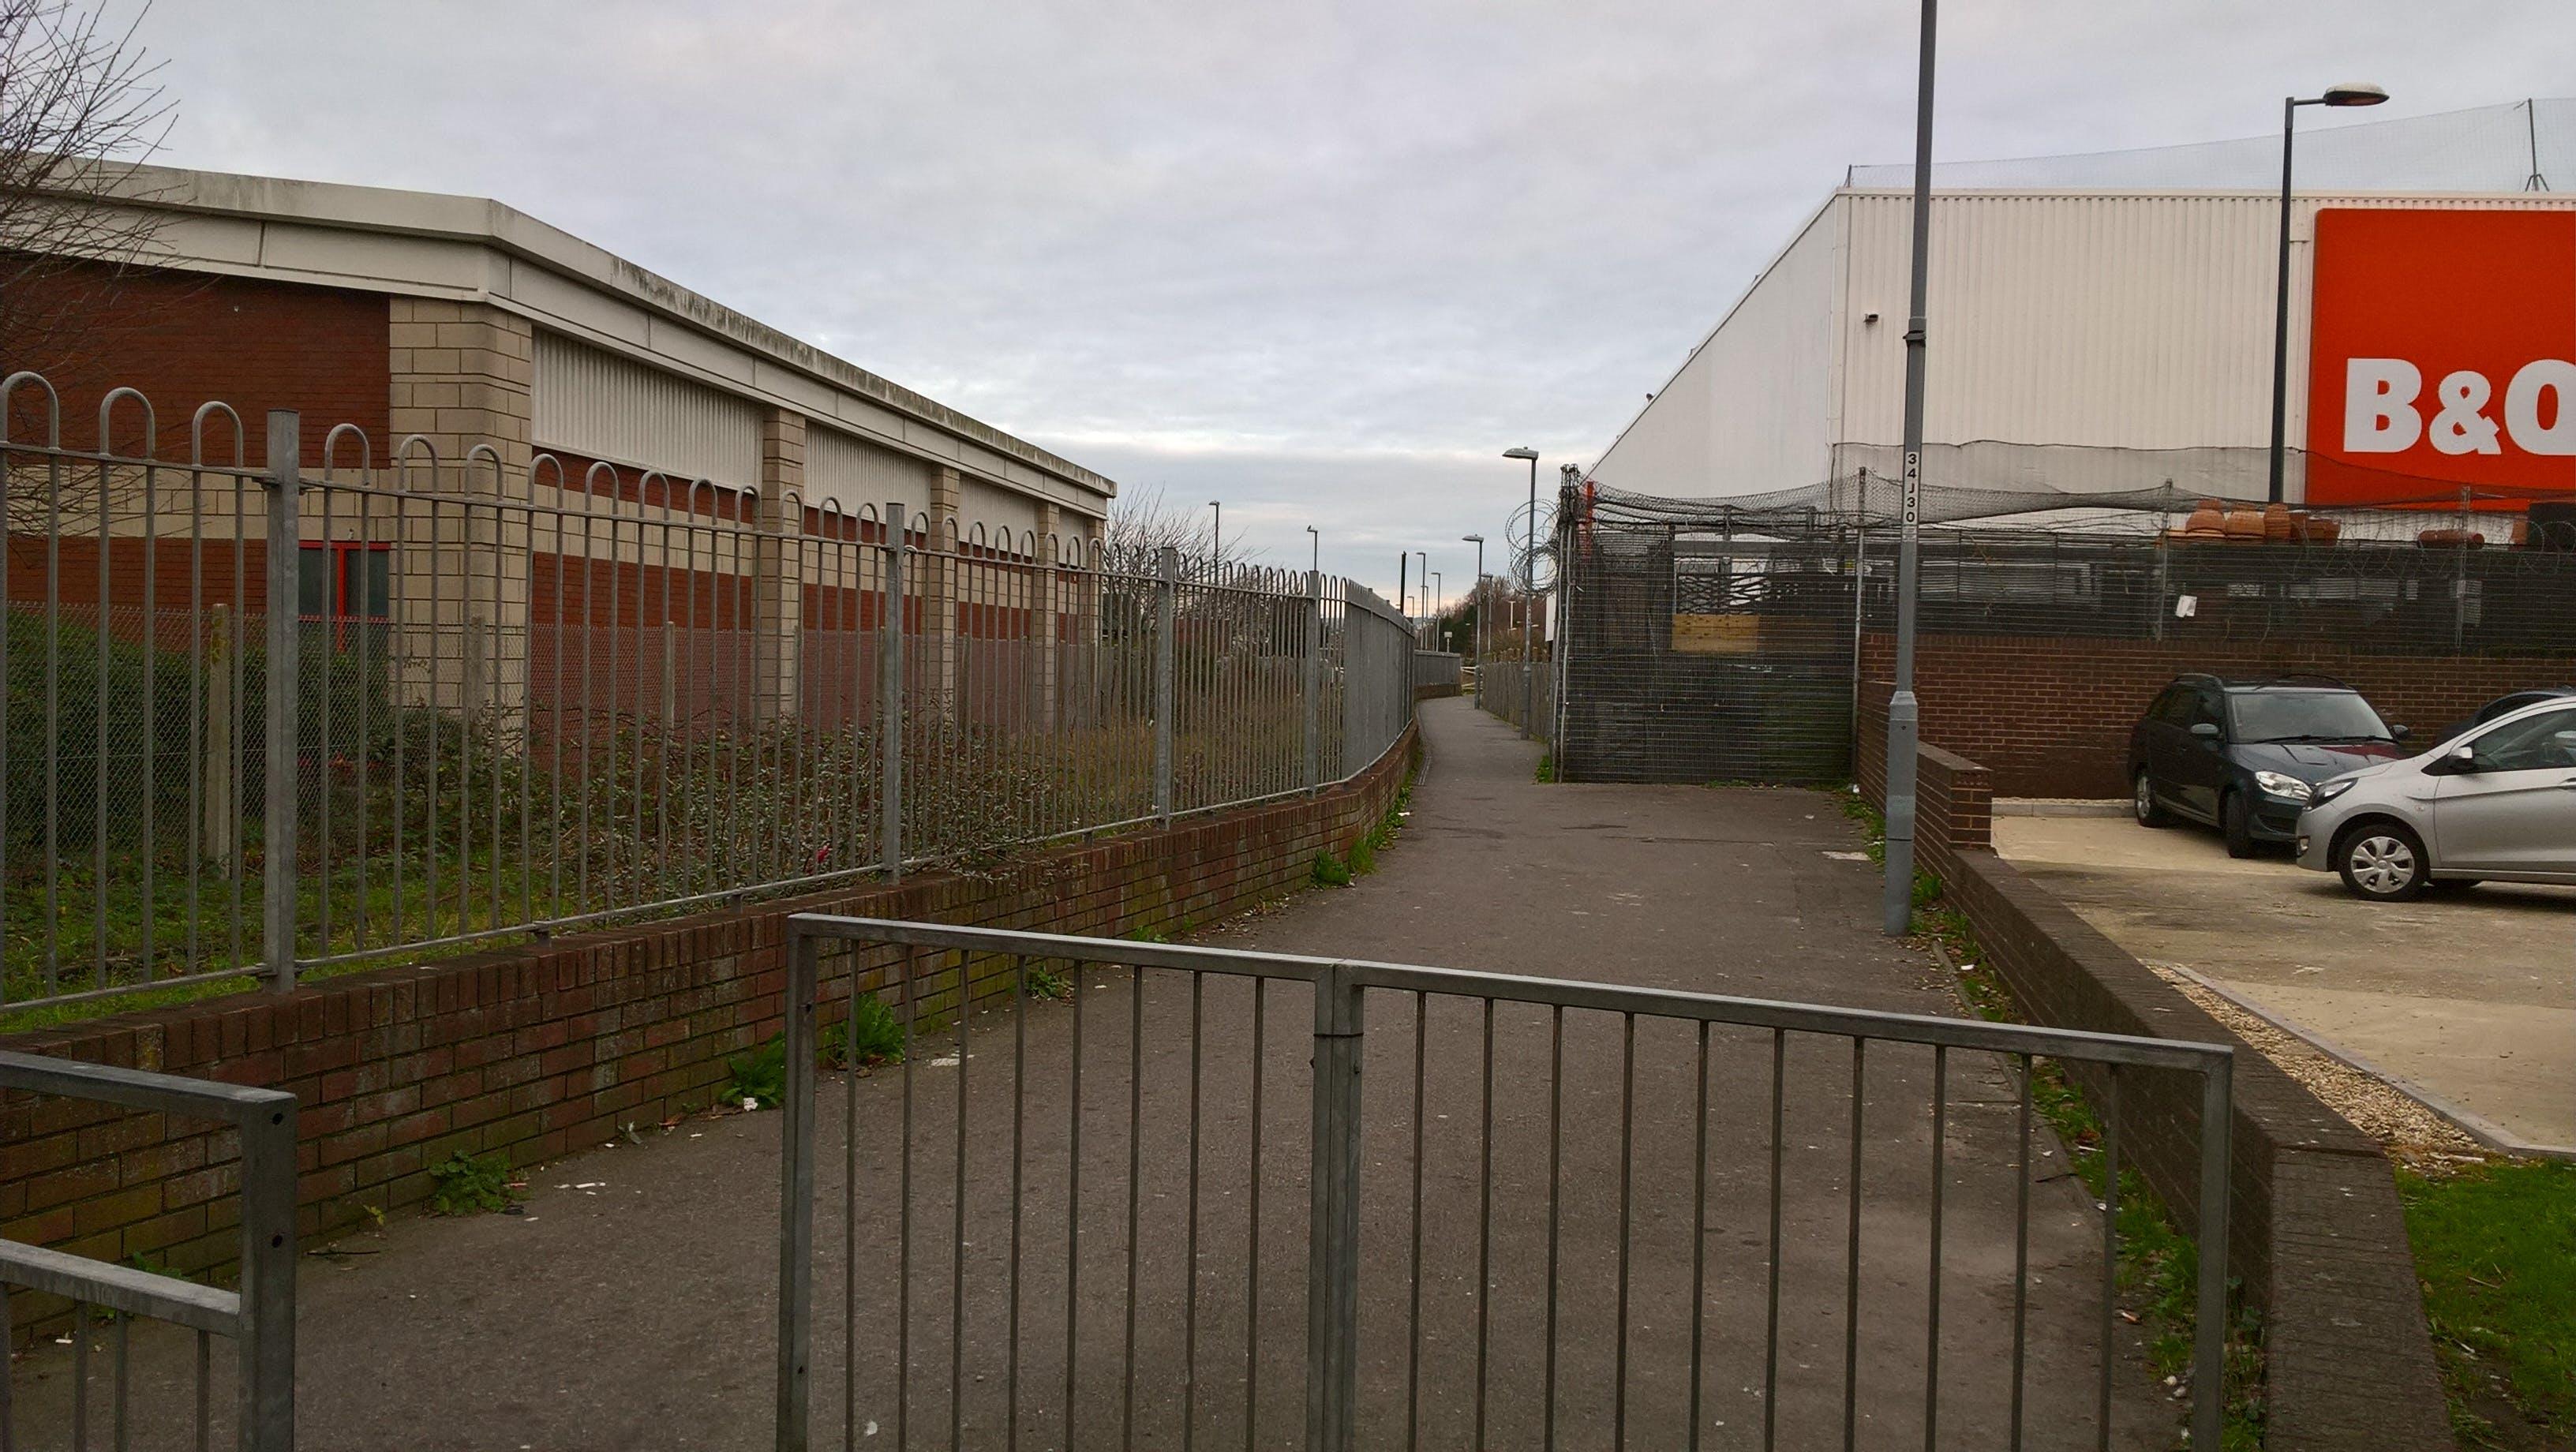 Walkway between King Street and Jubilee Retail Park